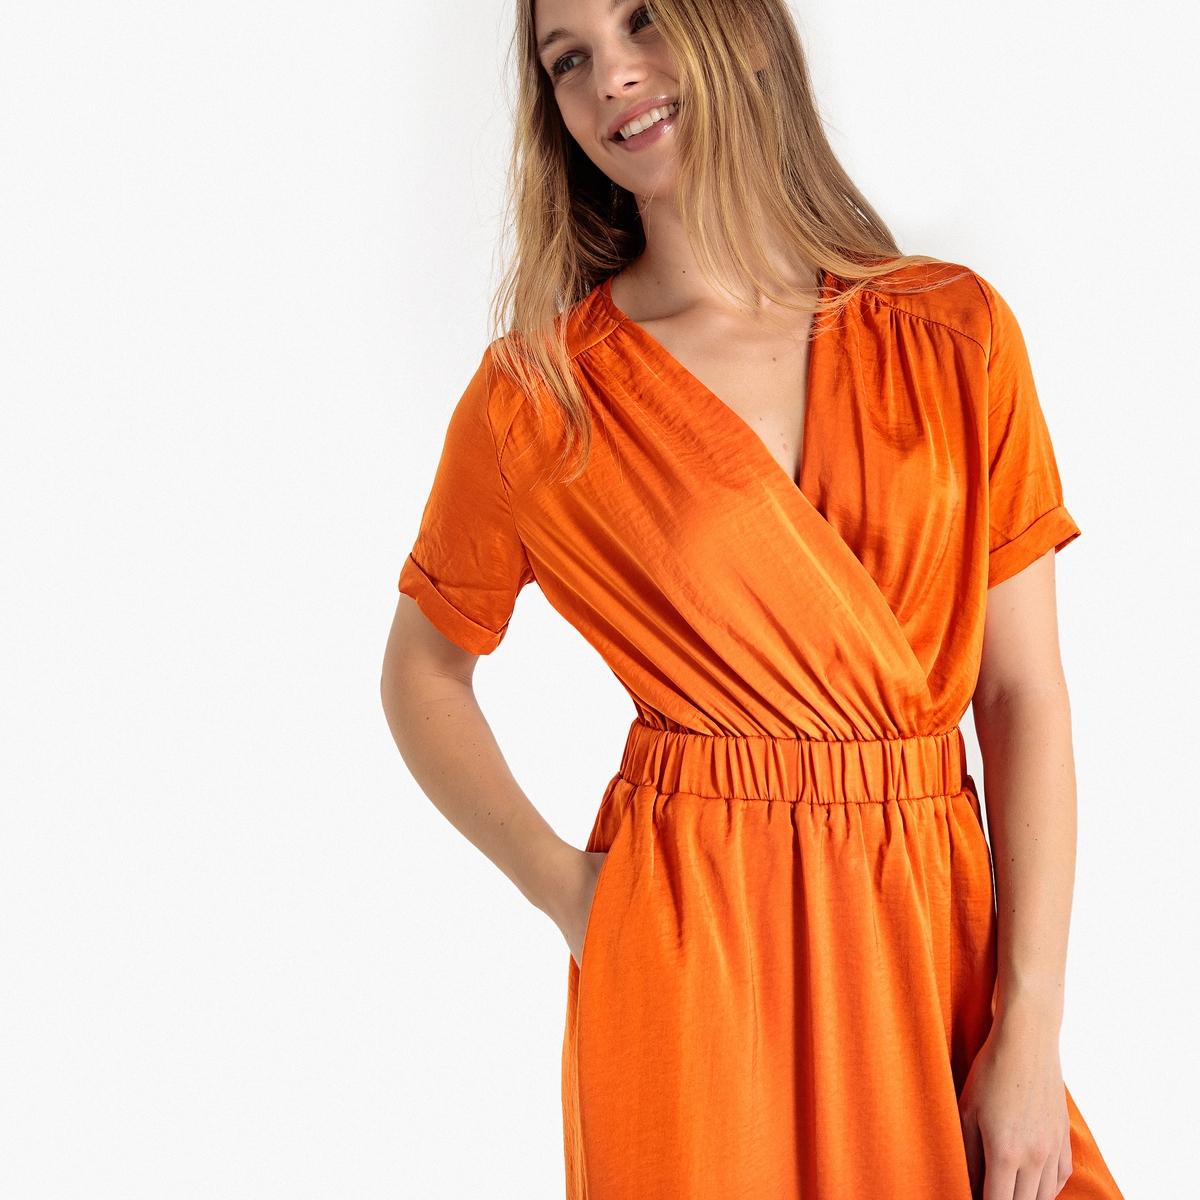 Платье La Redoute С запахом блестящим эффектом и эластичным поясом 36 (FR) - 42 (RUS) каштановый туфли la redoute на среднем каблуке с питоновым принтом 36 каштановый